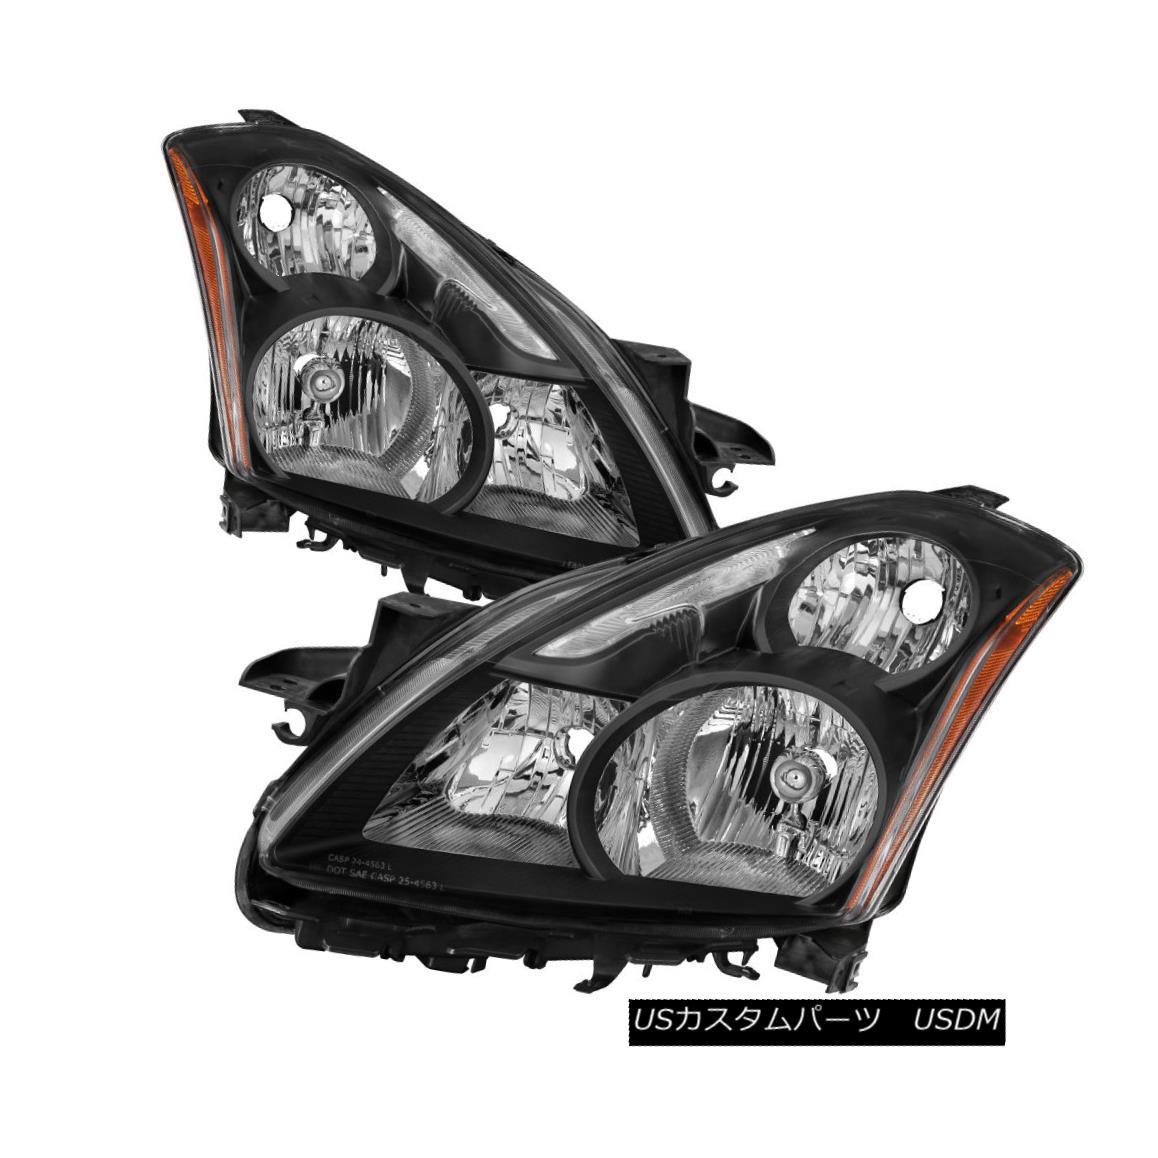 ヘッドライト Fit Nissan 10-12 Altima 4Dr Sedan Black Housing Replacement Headlights S SR SL フィット日産10-12アルティマ4Drセダンブラックハウジング交換用ヘッドライトS SR SL